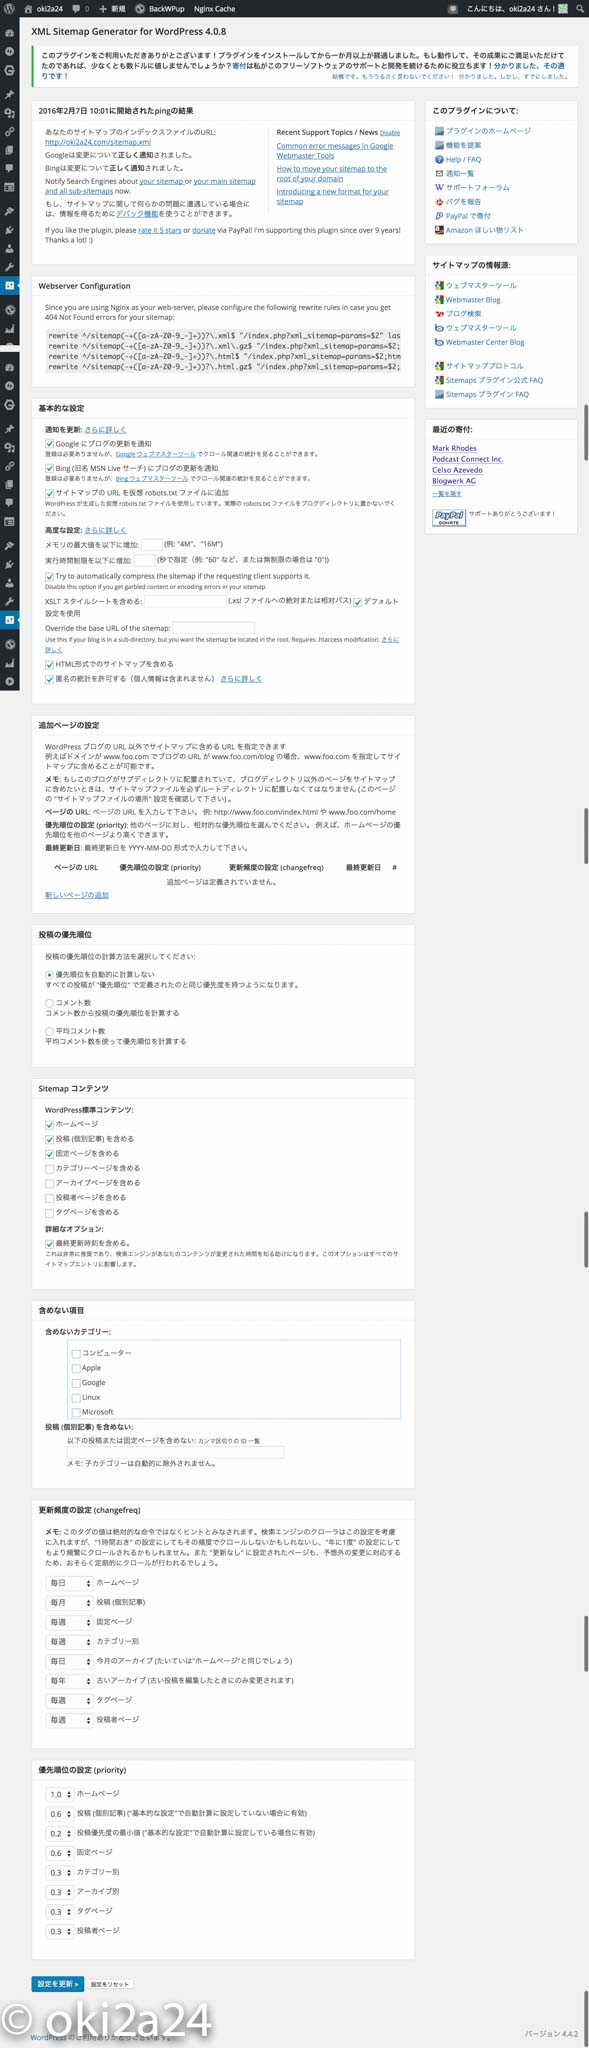 Google XML Sitemap プラグインの設定画面スクリーンショット